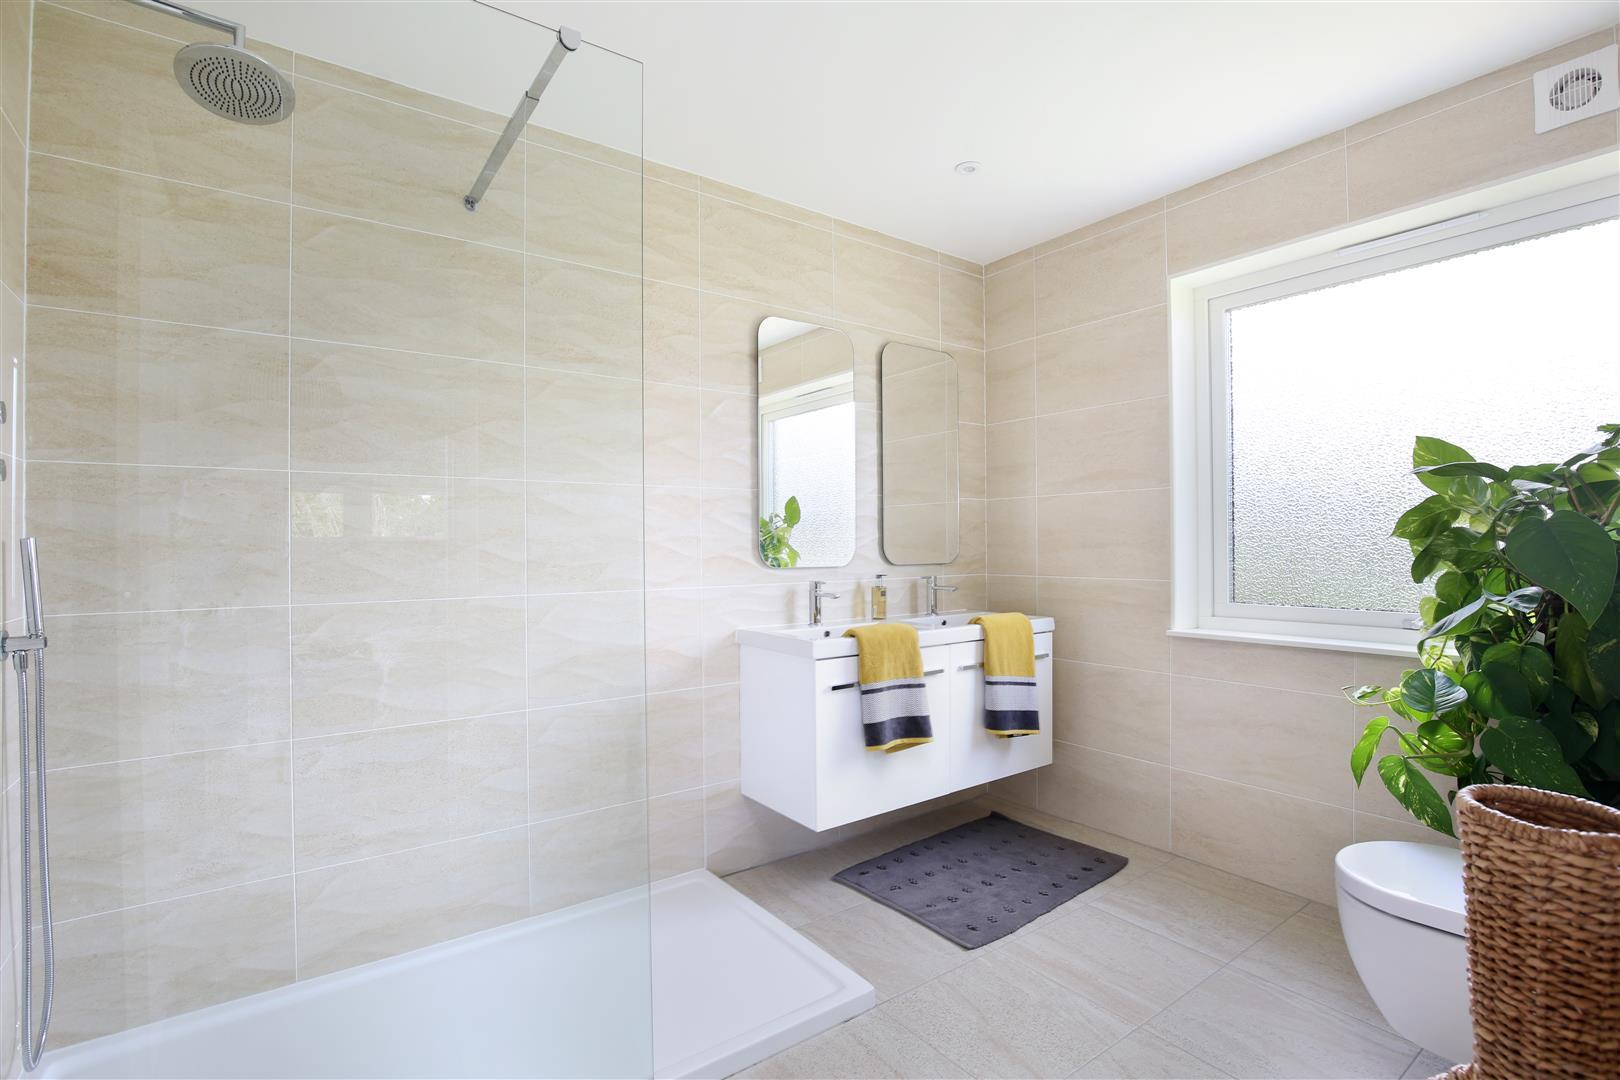 Trivselhus,Bathroom